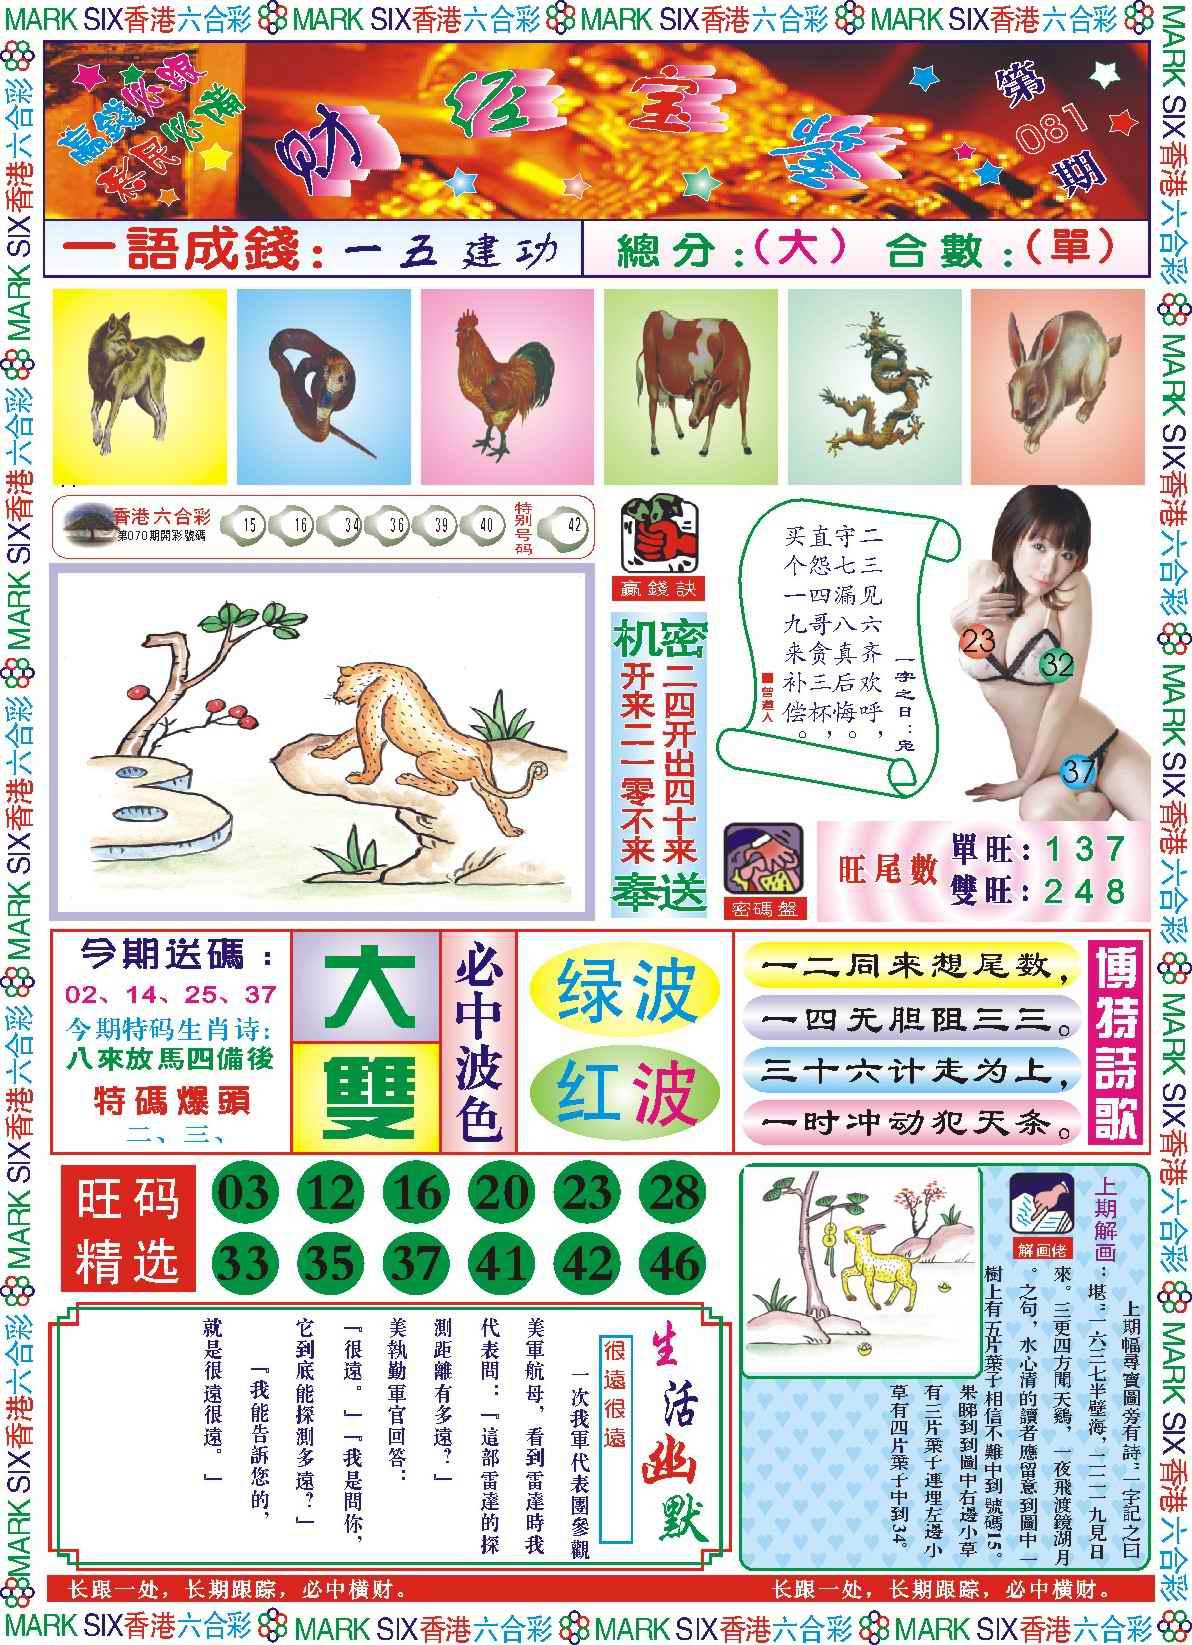 081期118财经宝鉴(新图)